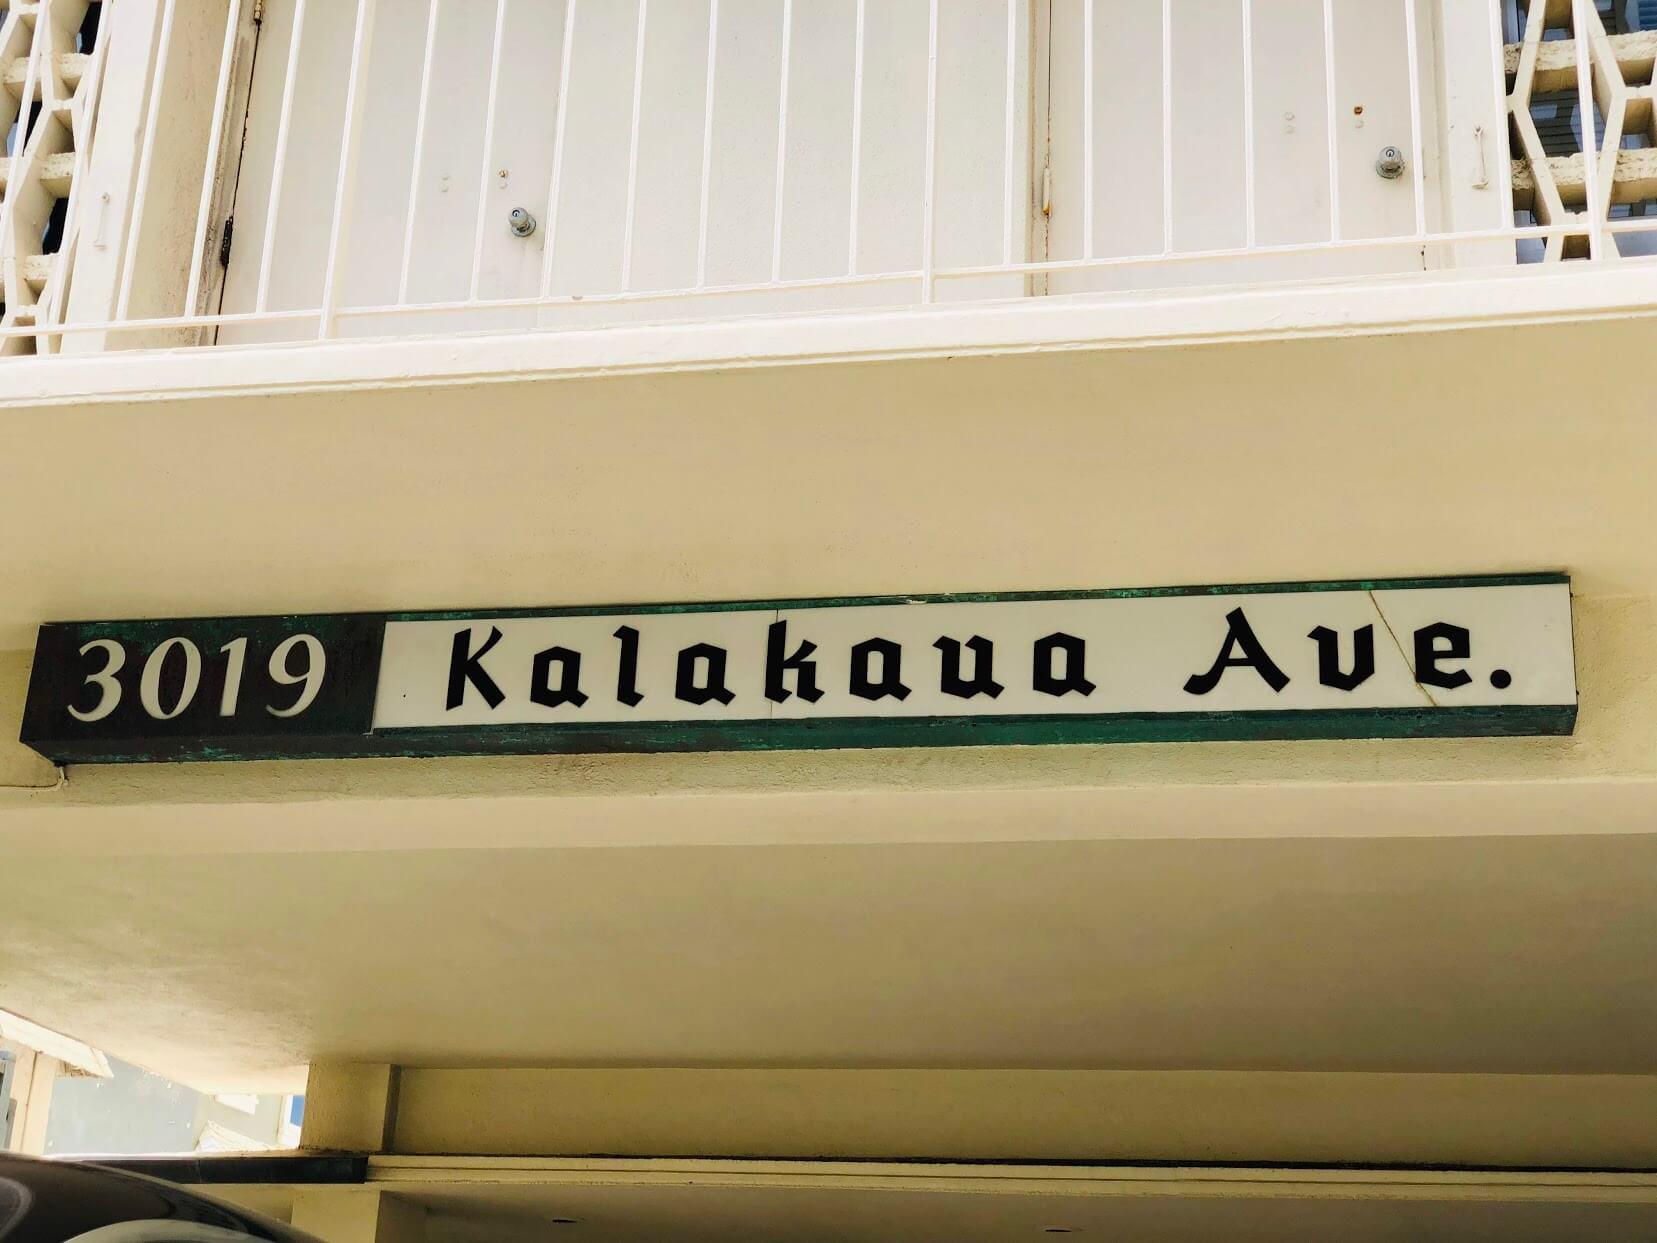 3019 カラカウア / 3019 Kalakaua